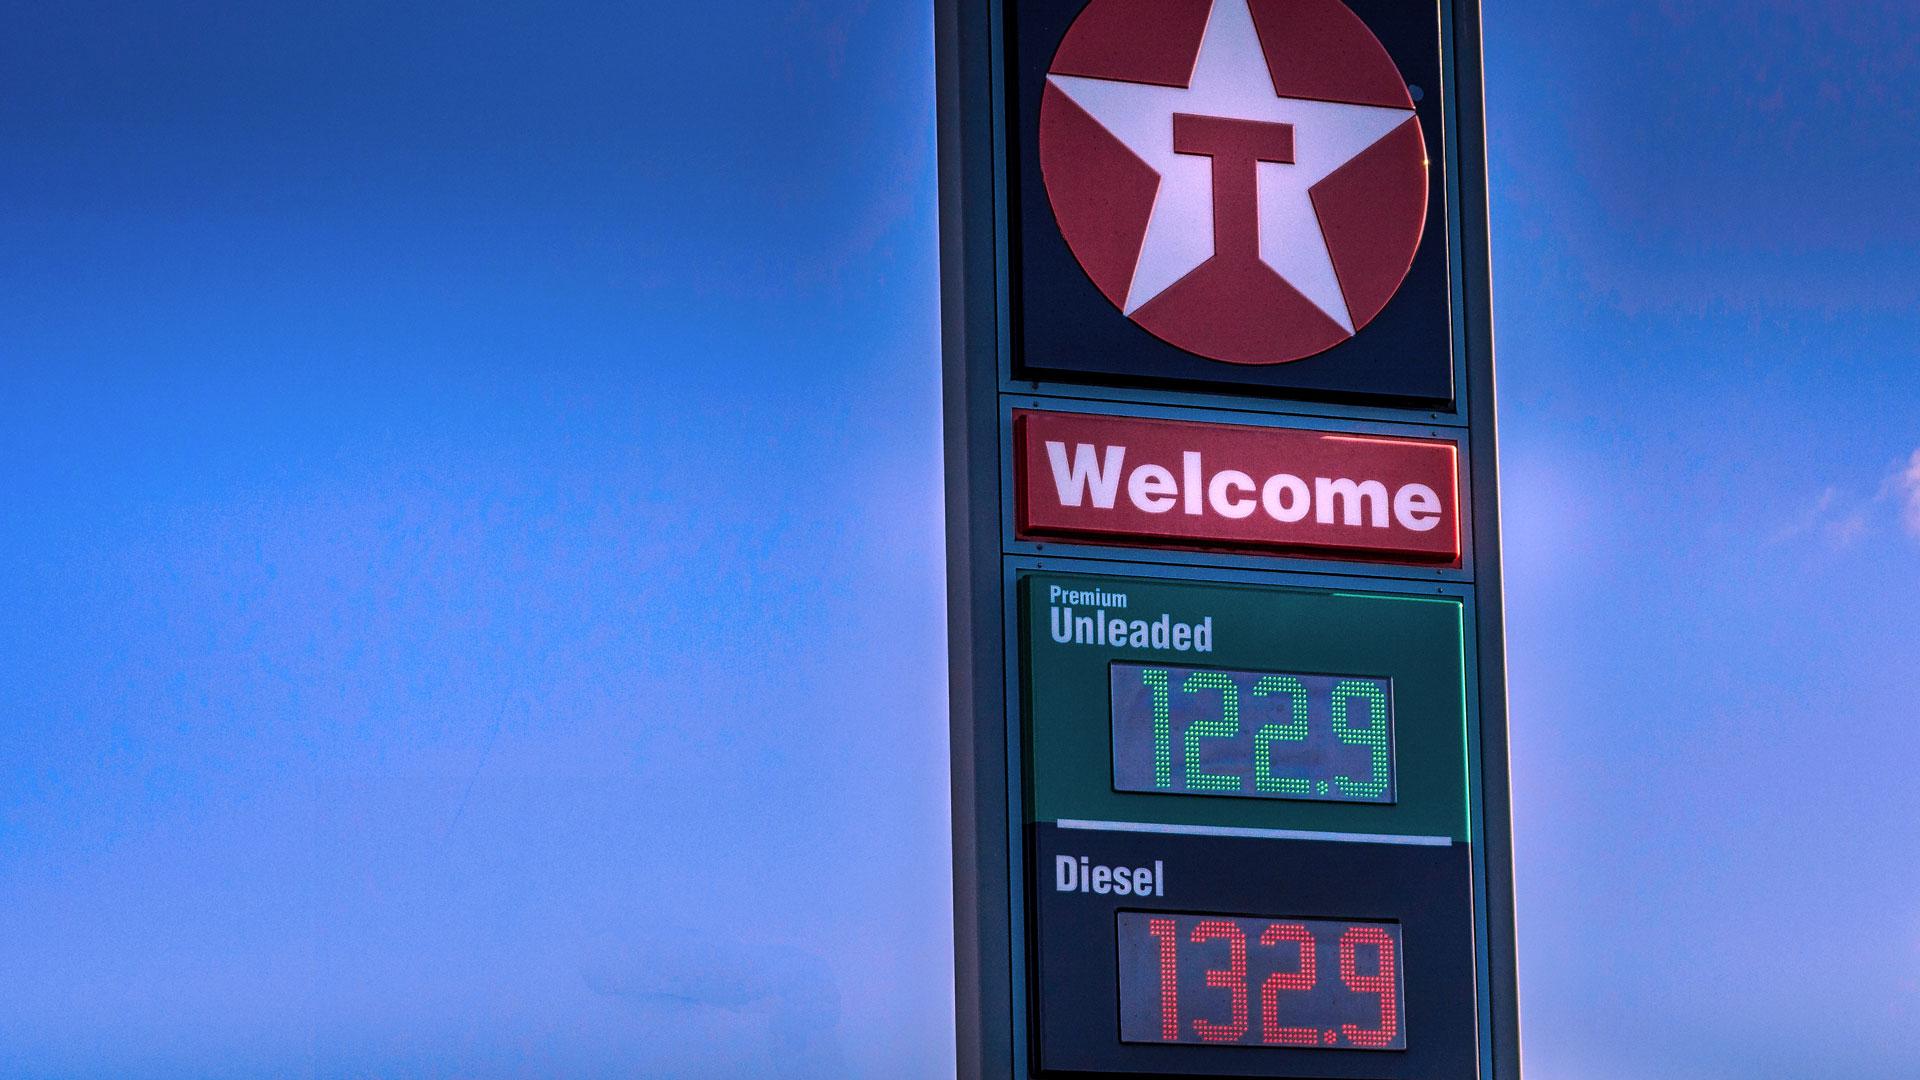 Price of petrol and diesel down in June